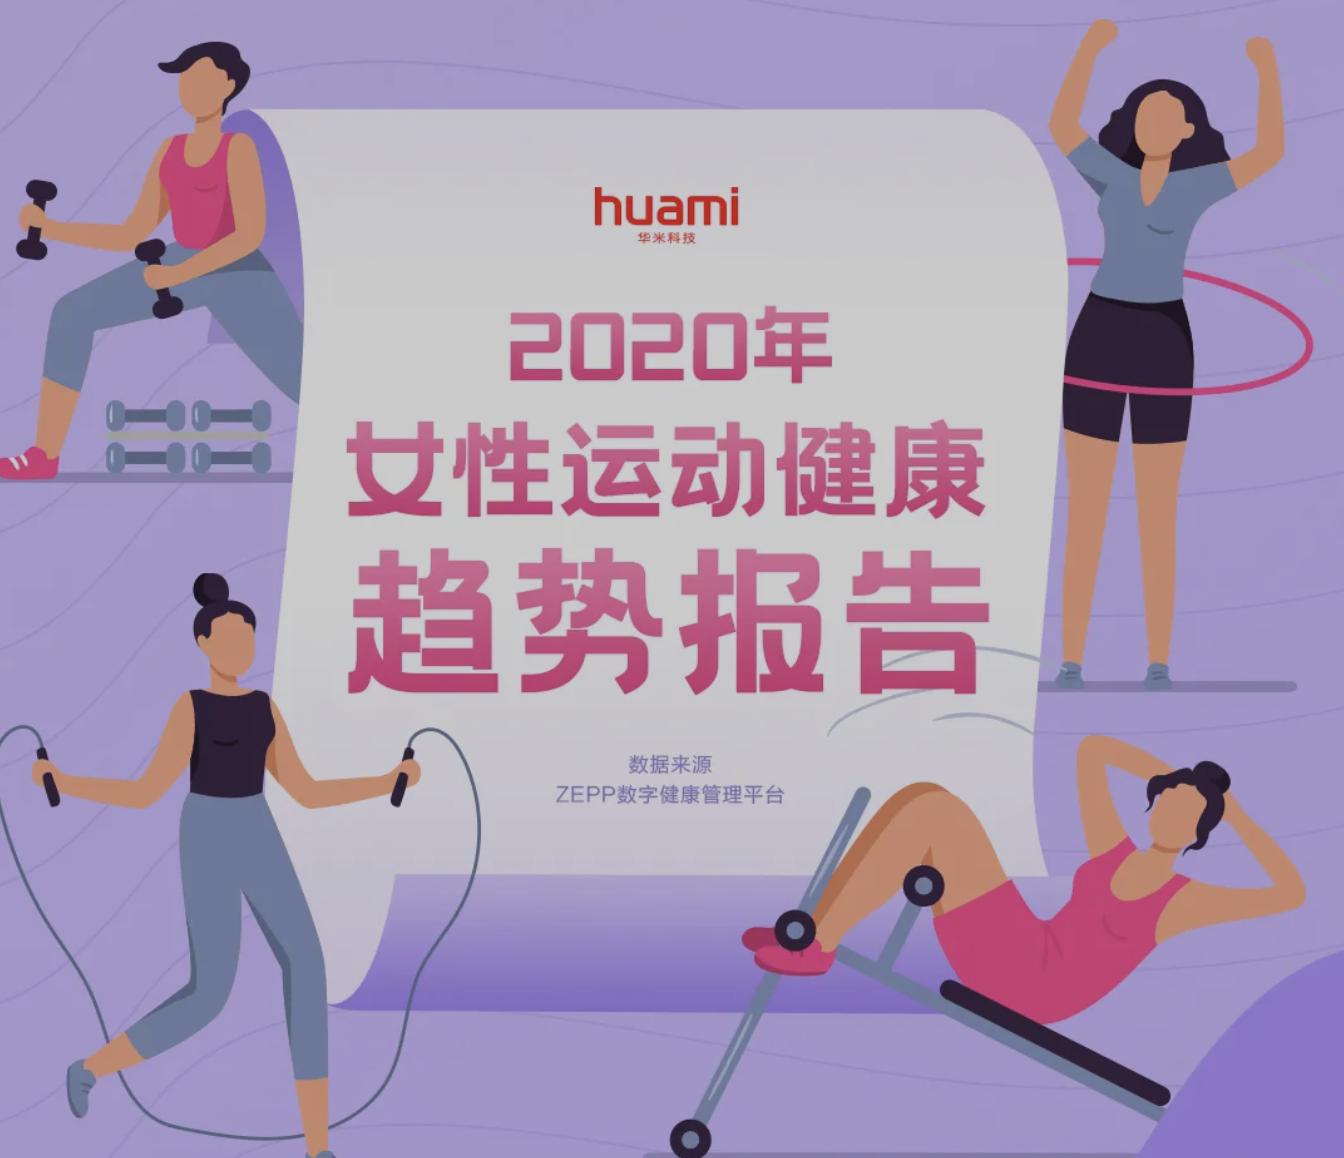 华米科技女性健康报告:睡眠整体优于男性